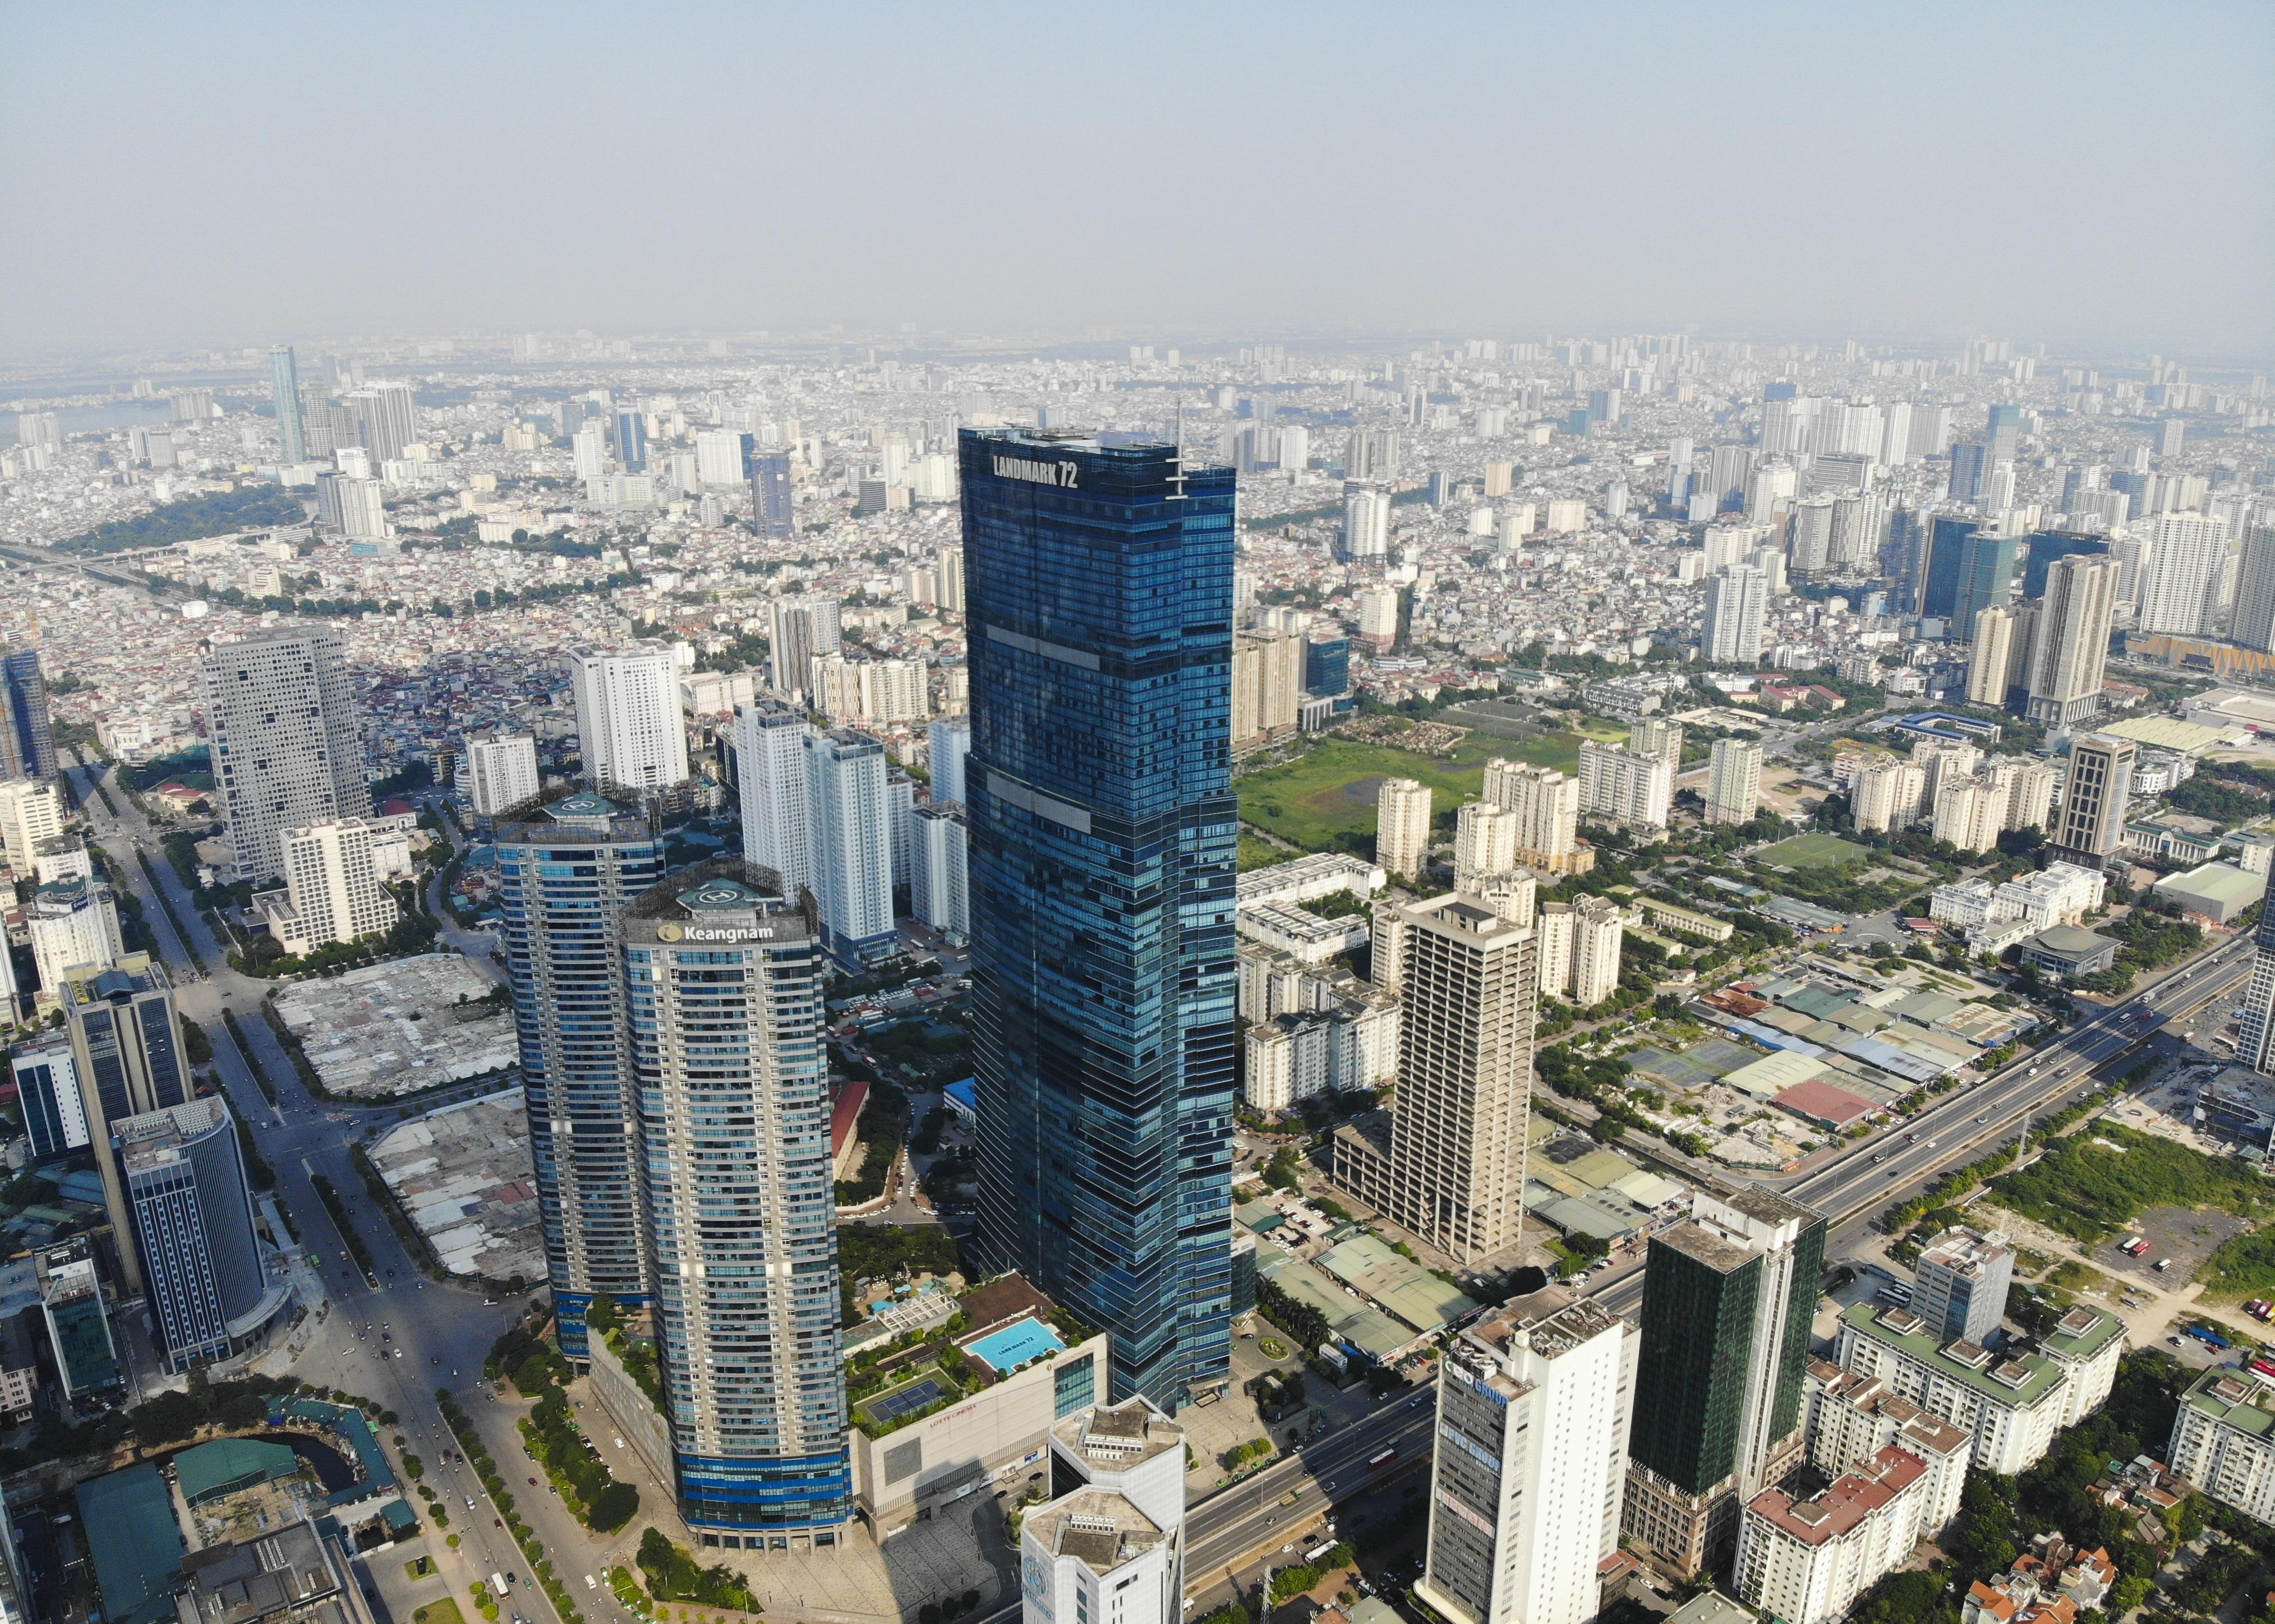 Những hình ảnh của 4 tòa nhà cao nhất Hà Nội nhìn từ trên cao - 1